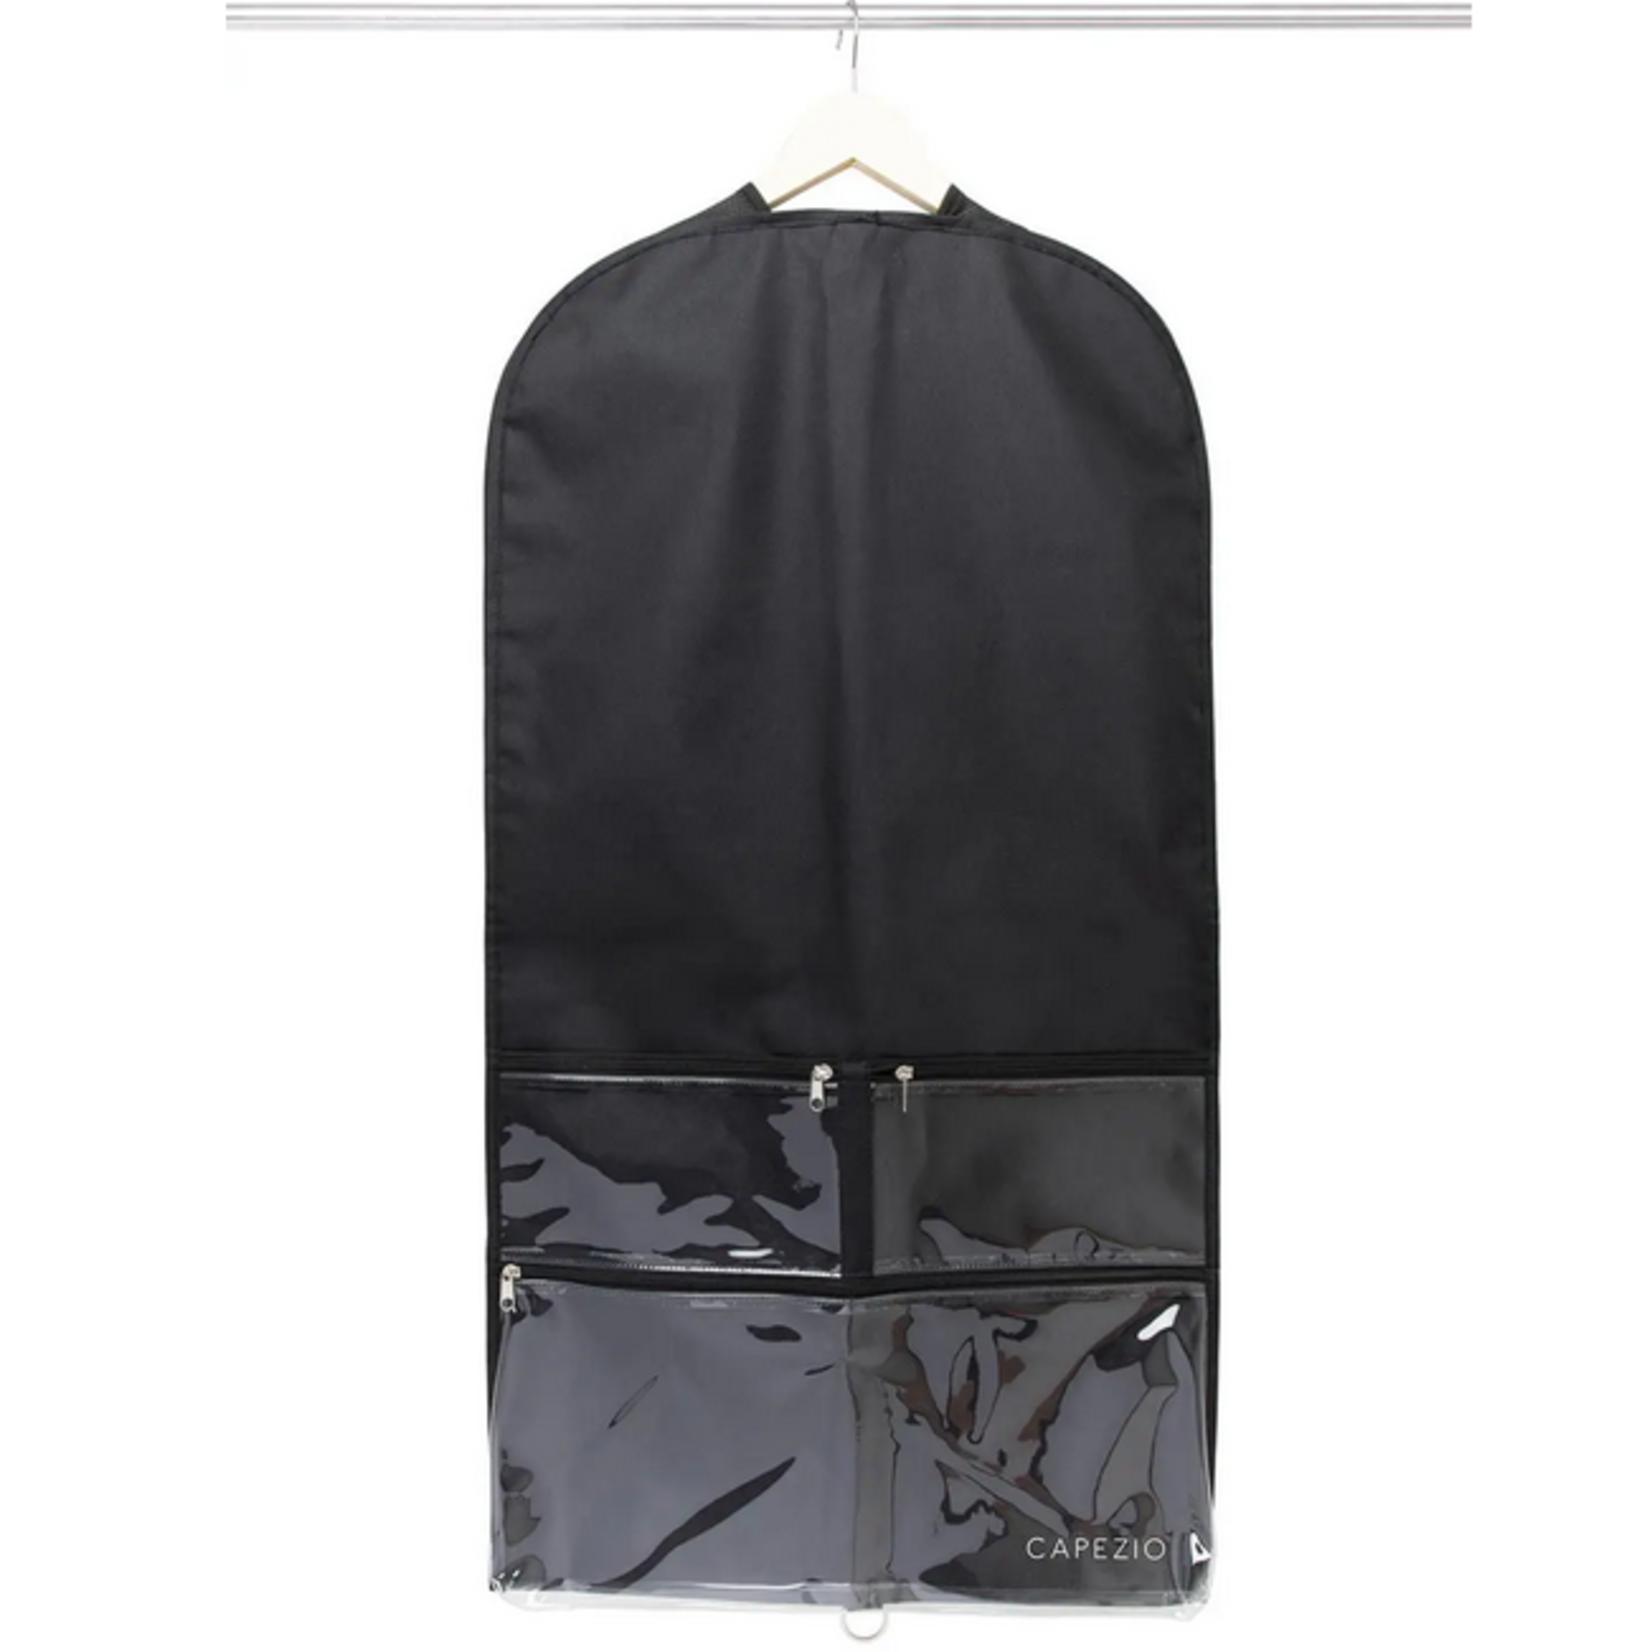 Capezio Capezio B217 Clear Garment Bag